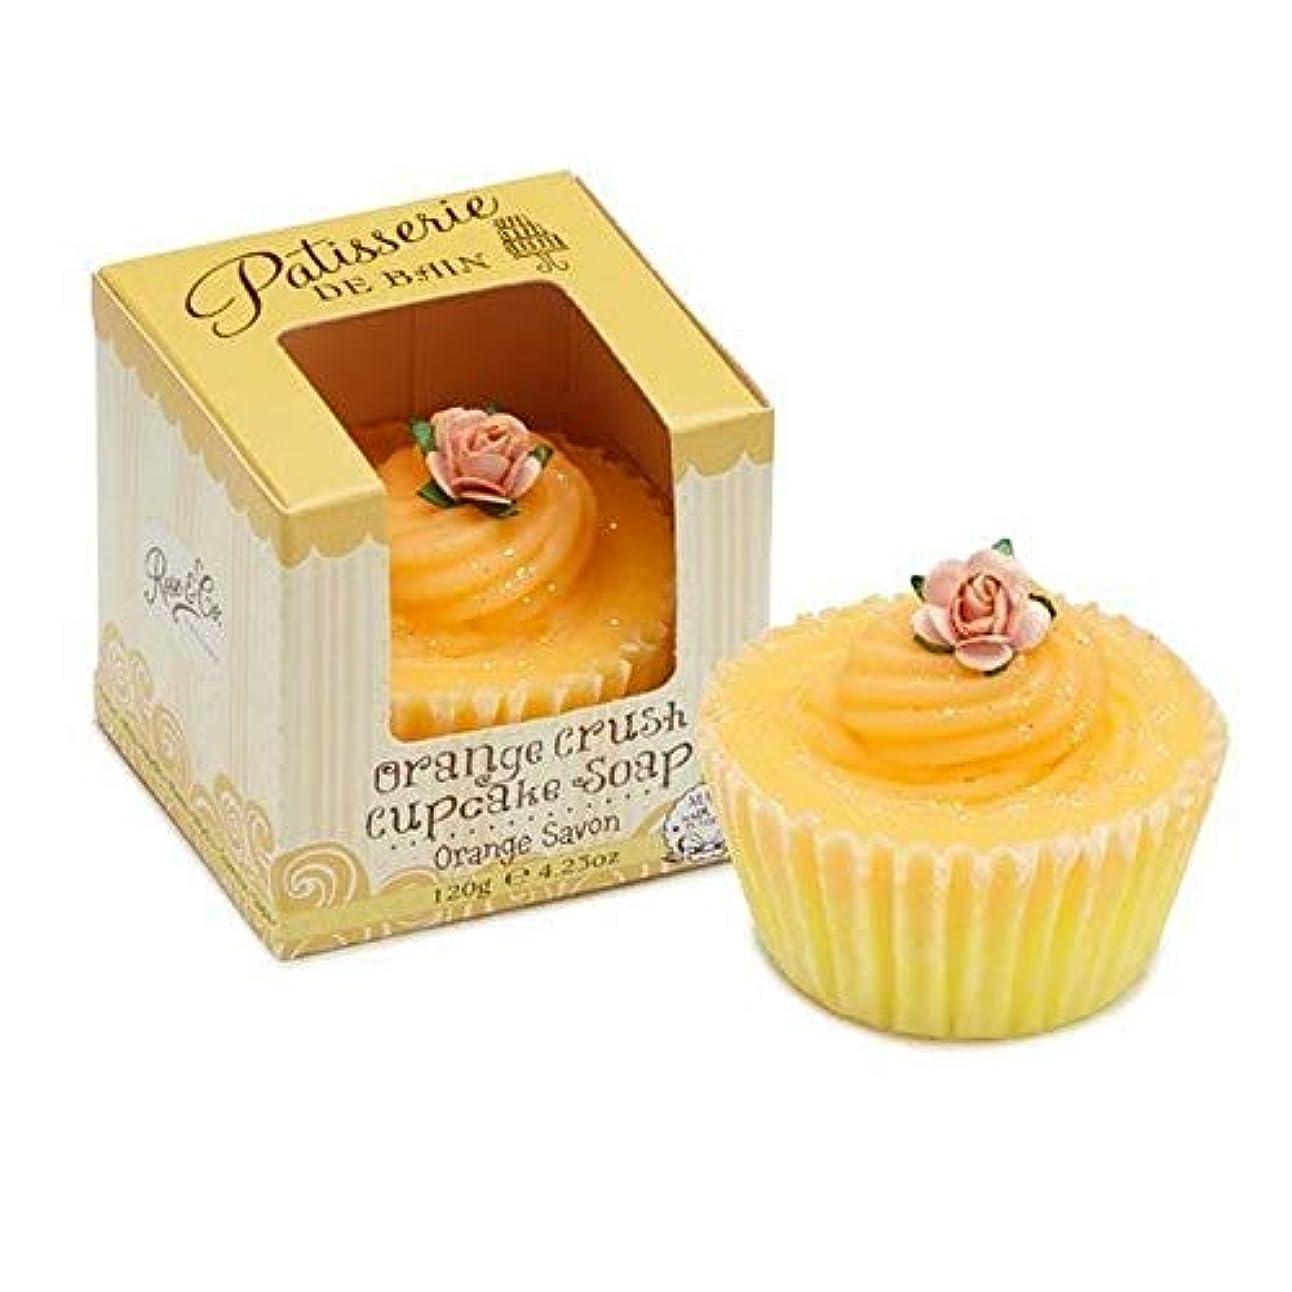 ロッド回転するボード[Patisserie de Bain ] パティスリー?ド?ベインオレンジクラッシュカップケーキソープ120グラム - Patisserie de Bain Orange Crush Cupcake soap 120g...